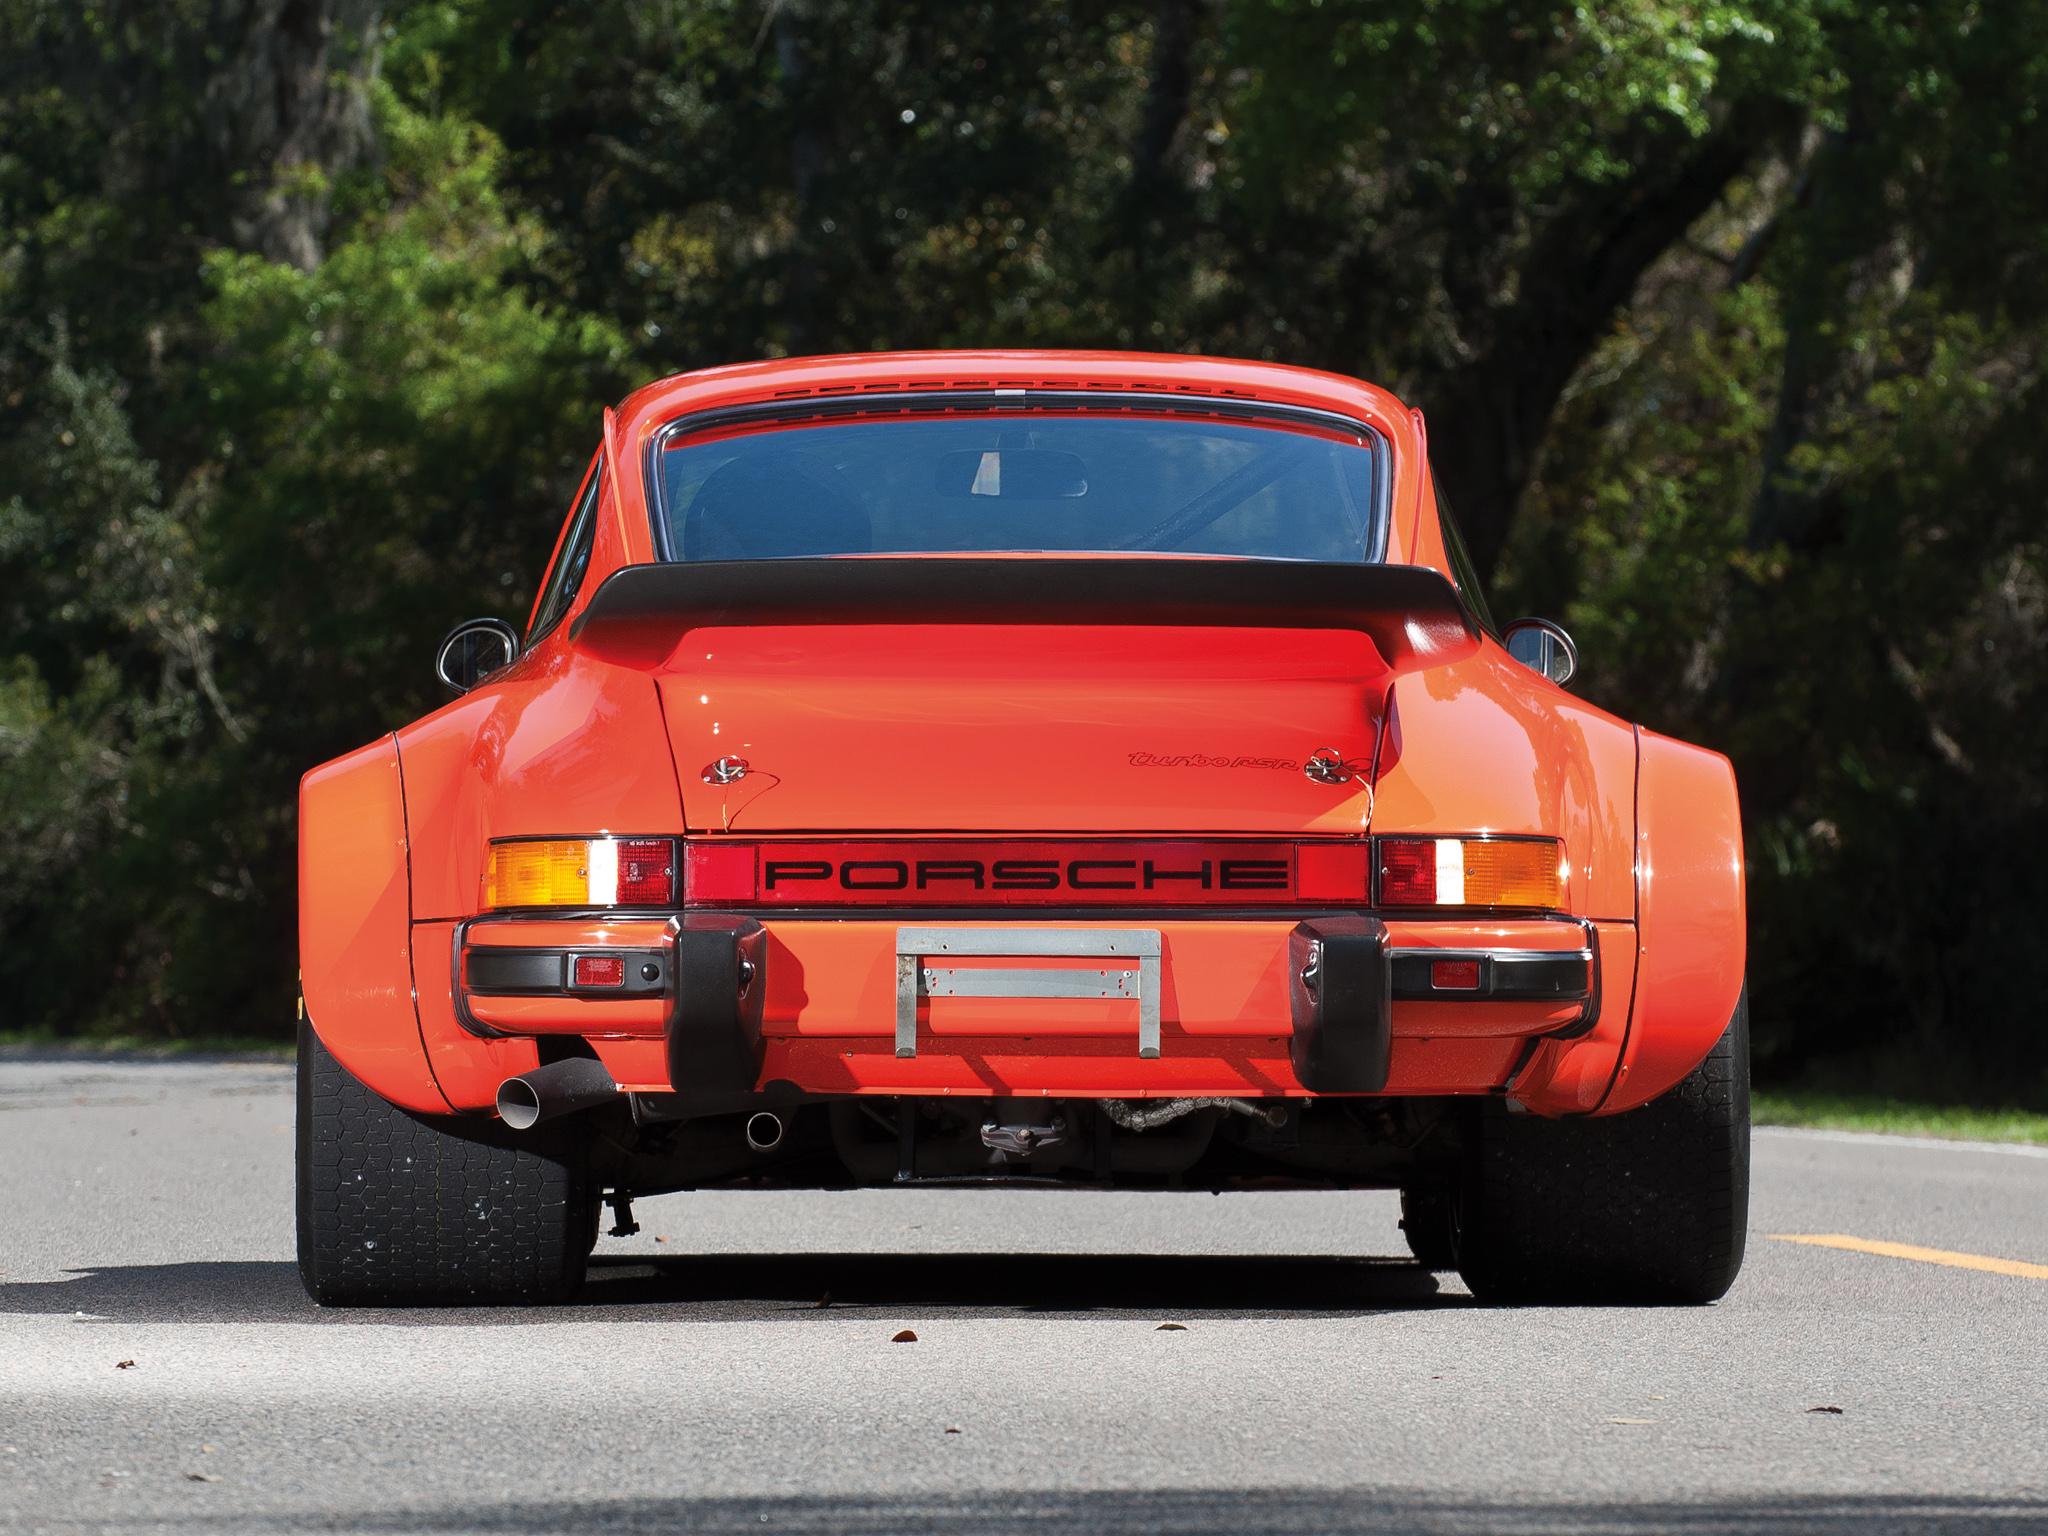 1976 Porsche 934 Turbo Rsr Supercar Wallpaper 2048x1536